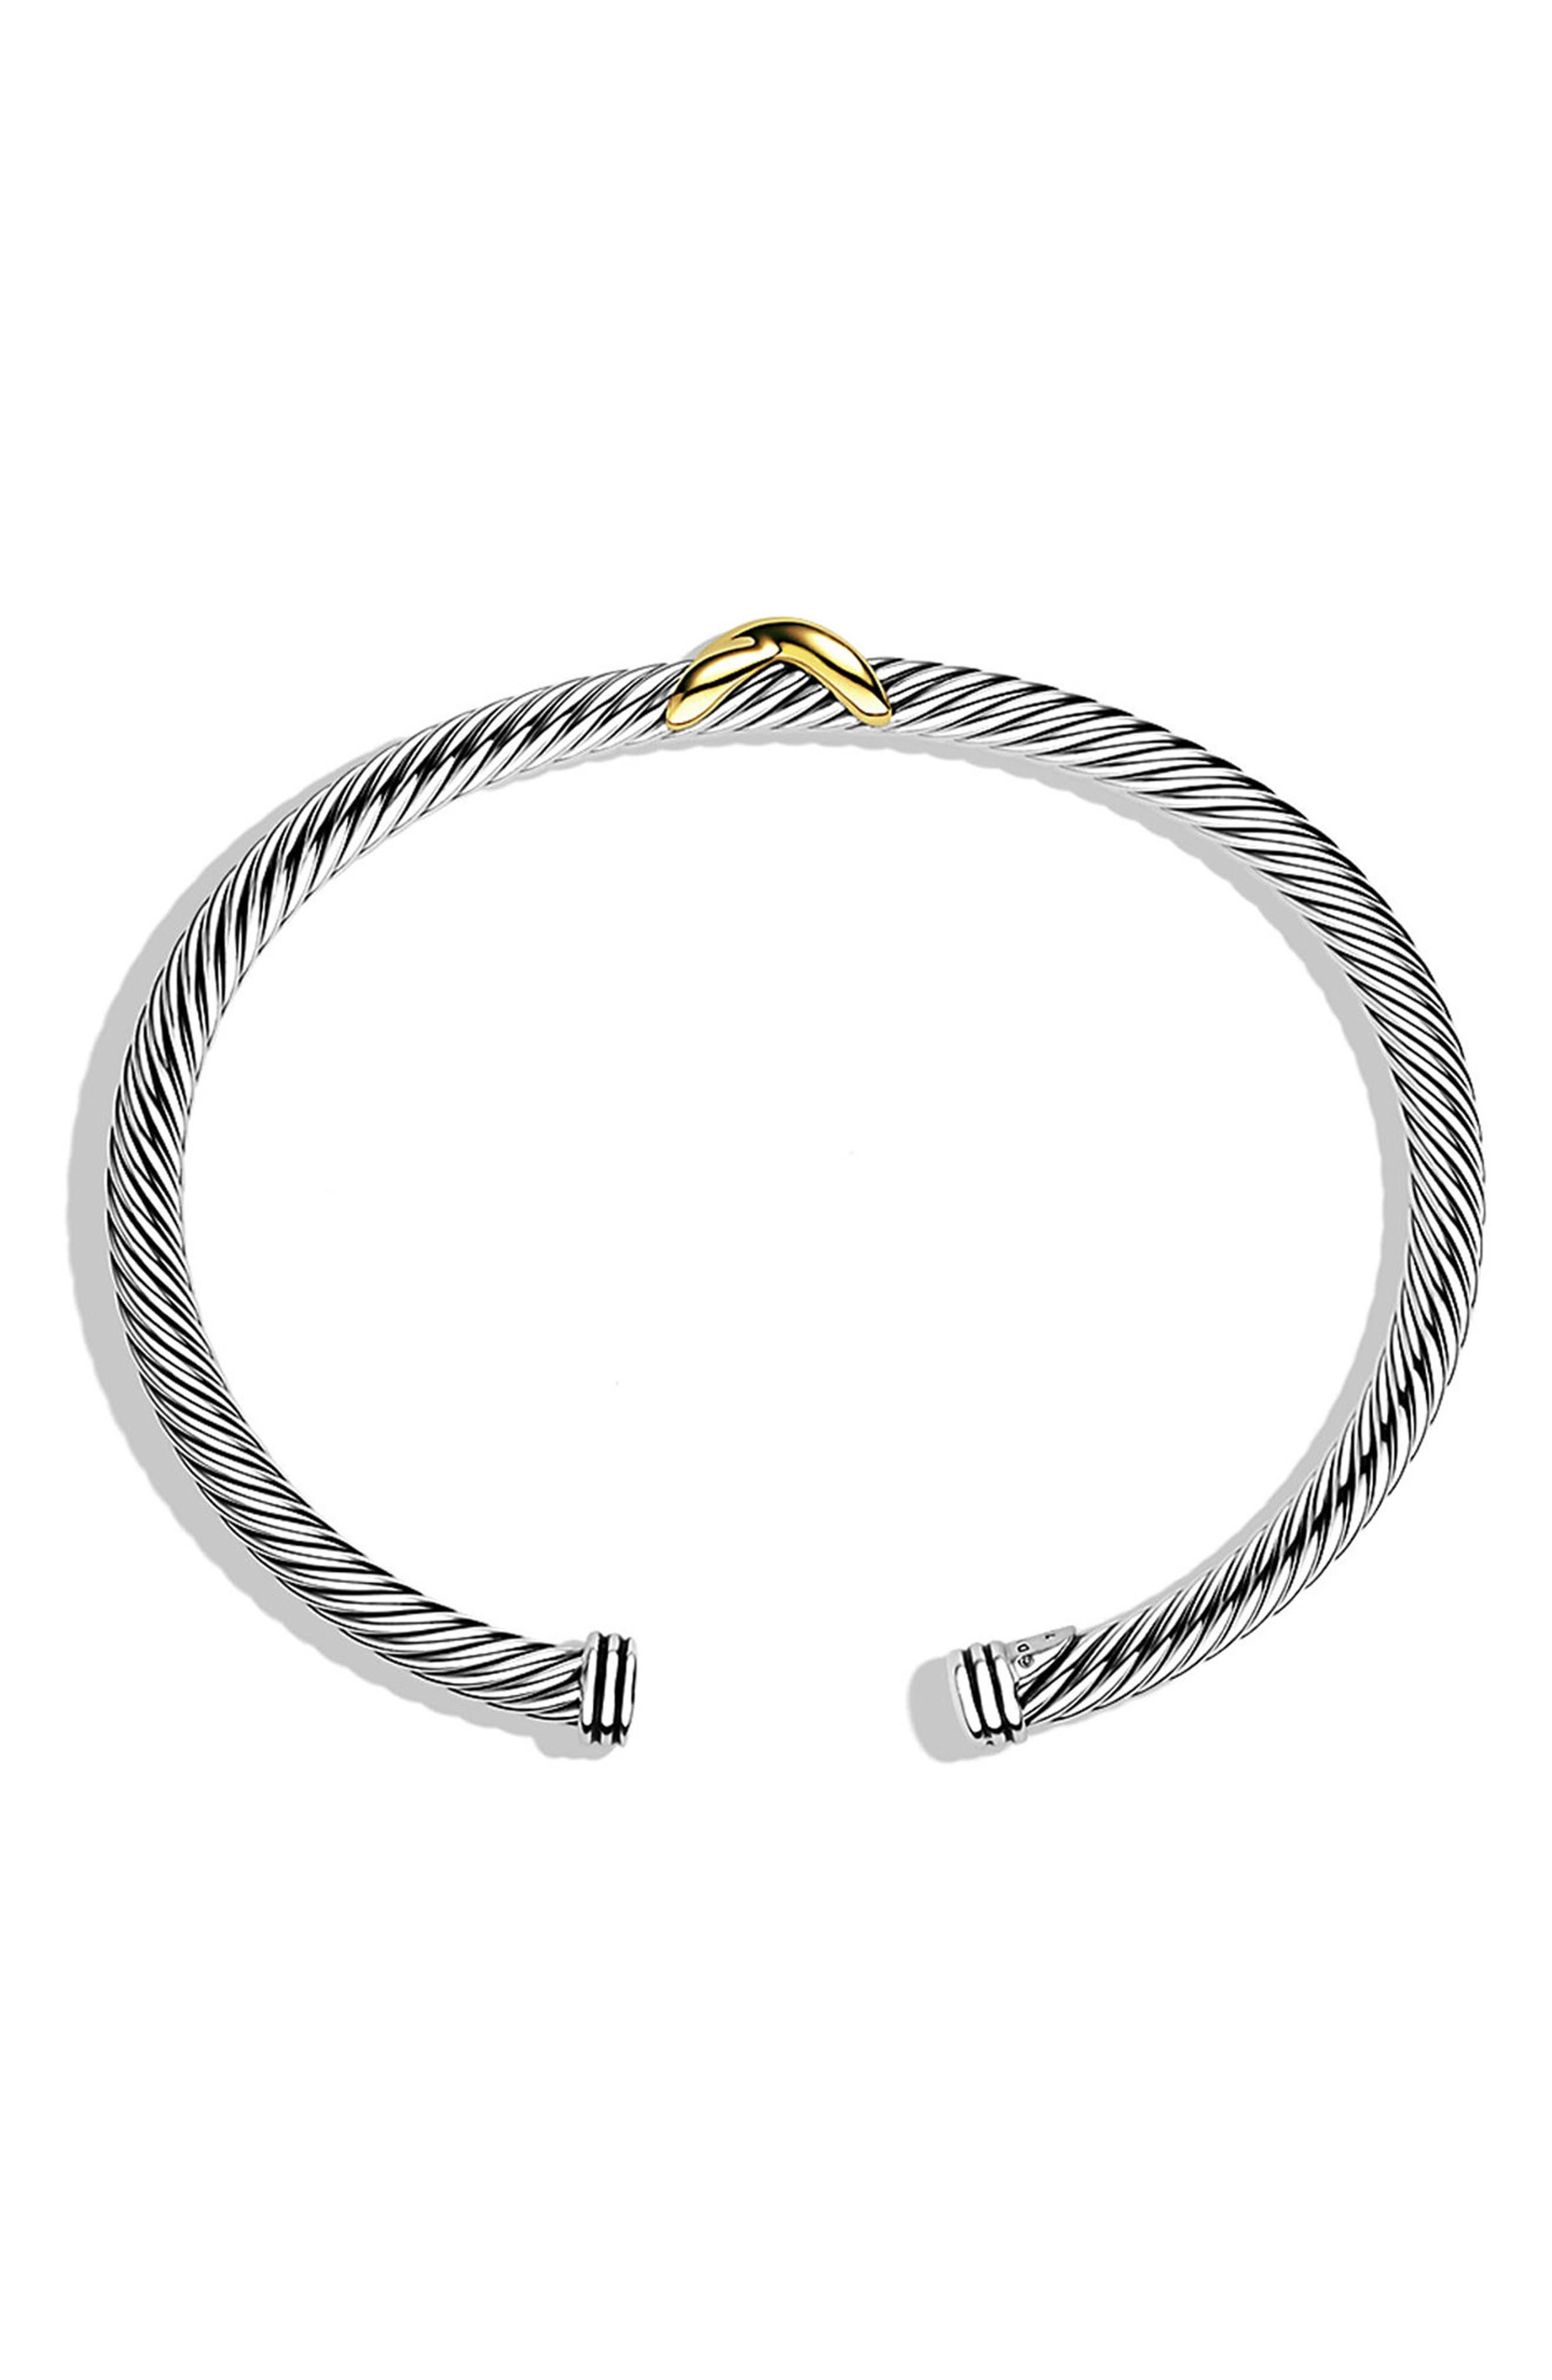 DAVID YURMAN,                             X Cable Bracelet,                             Alternate thumbnail 2, color,                             040